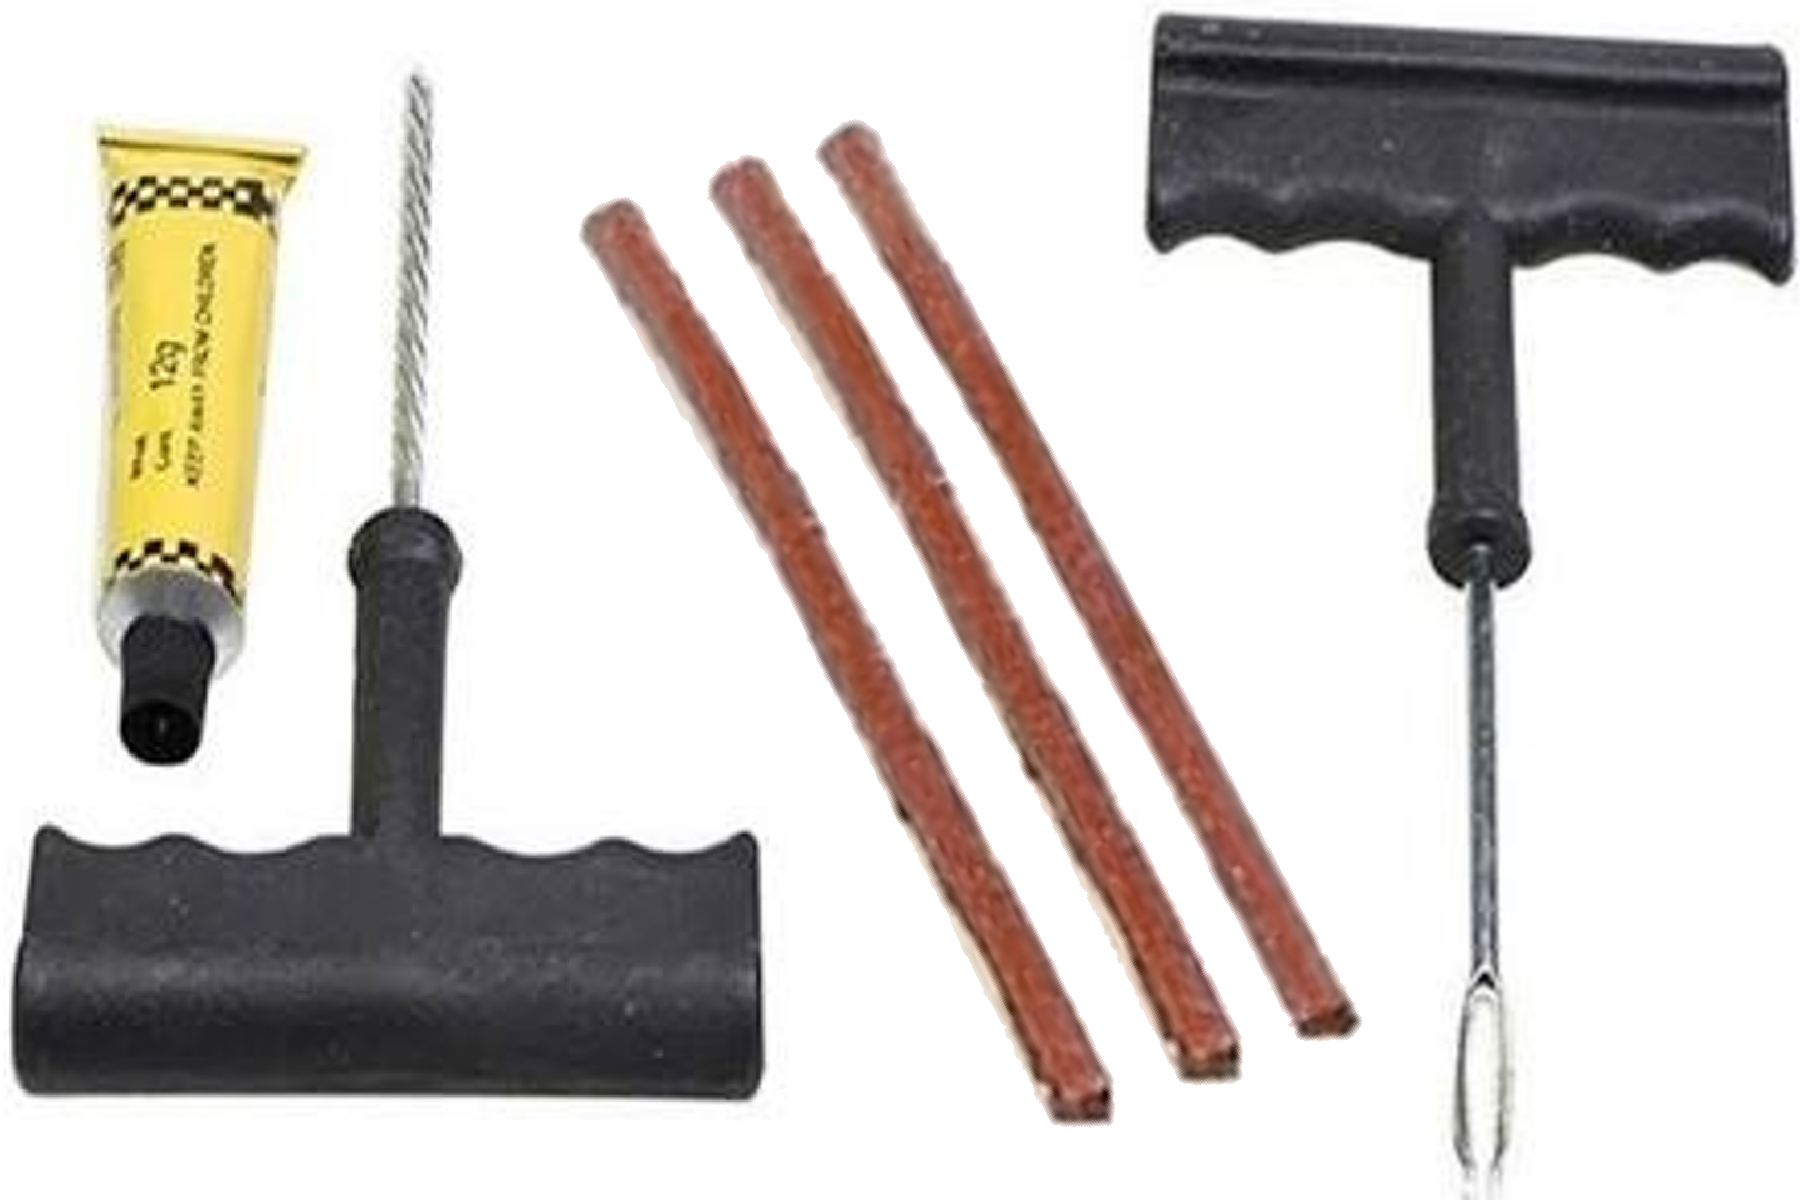 Kit de réparation auto + 3 mèche pneu tubeless